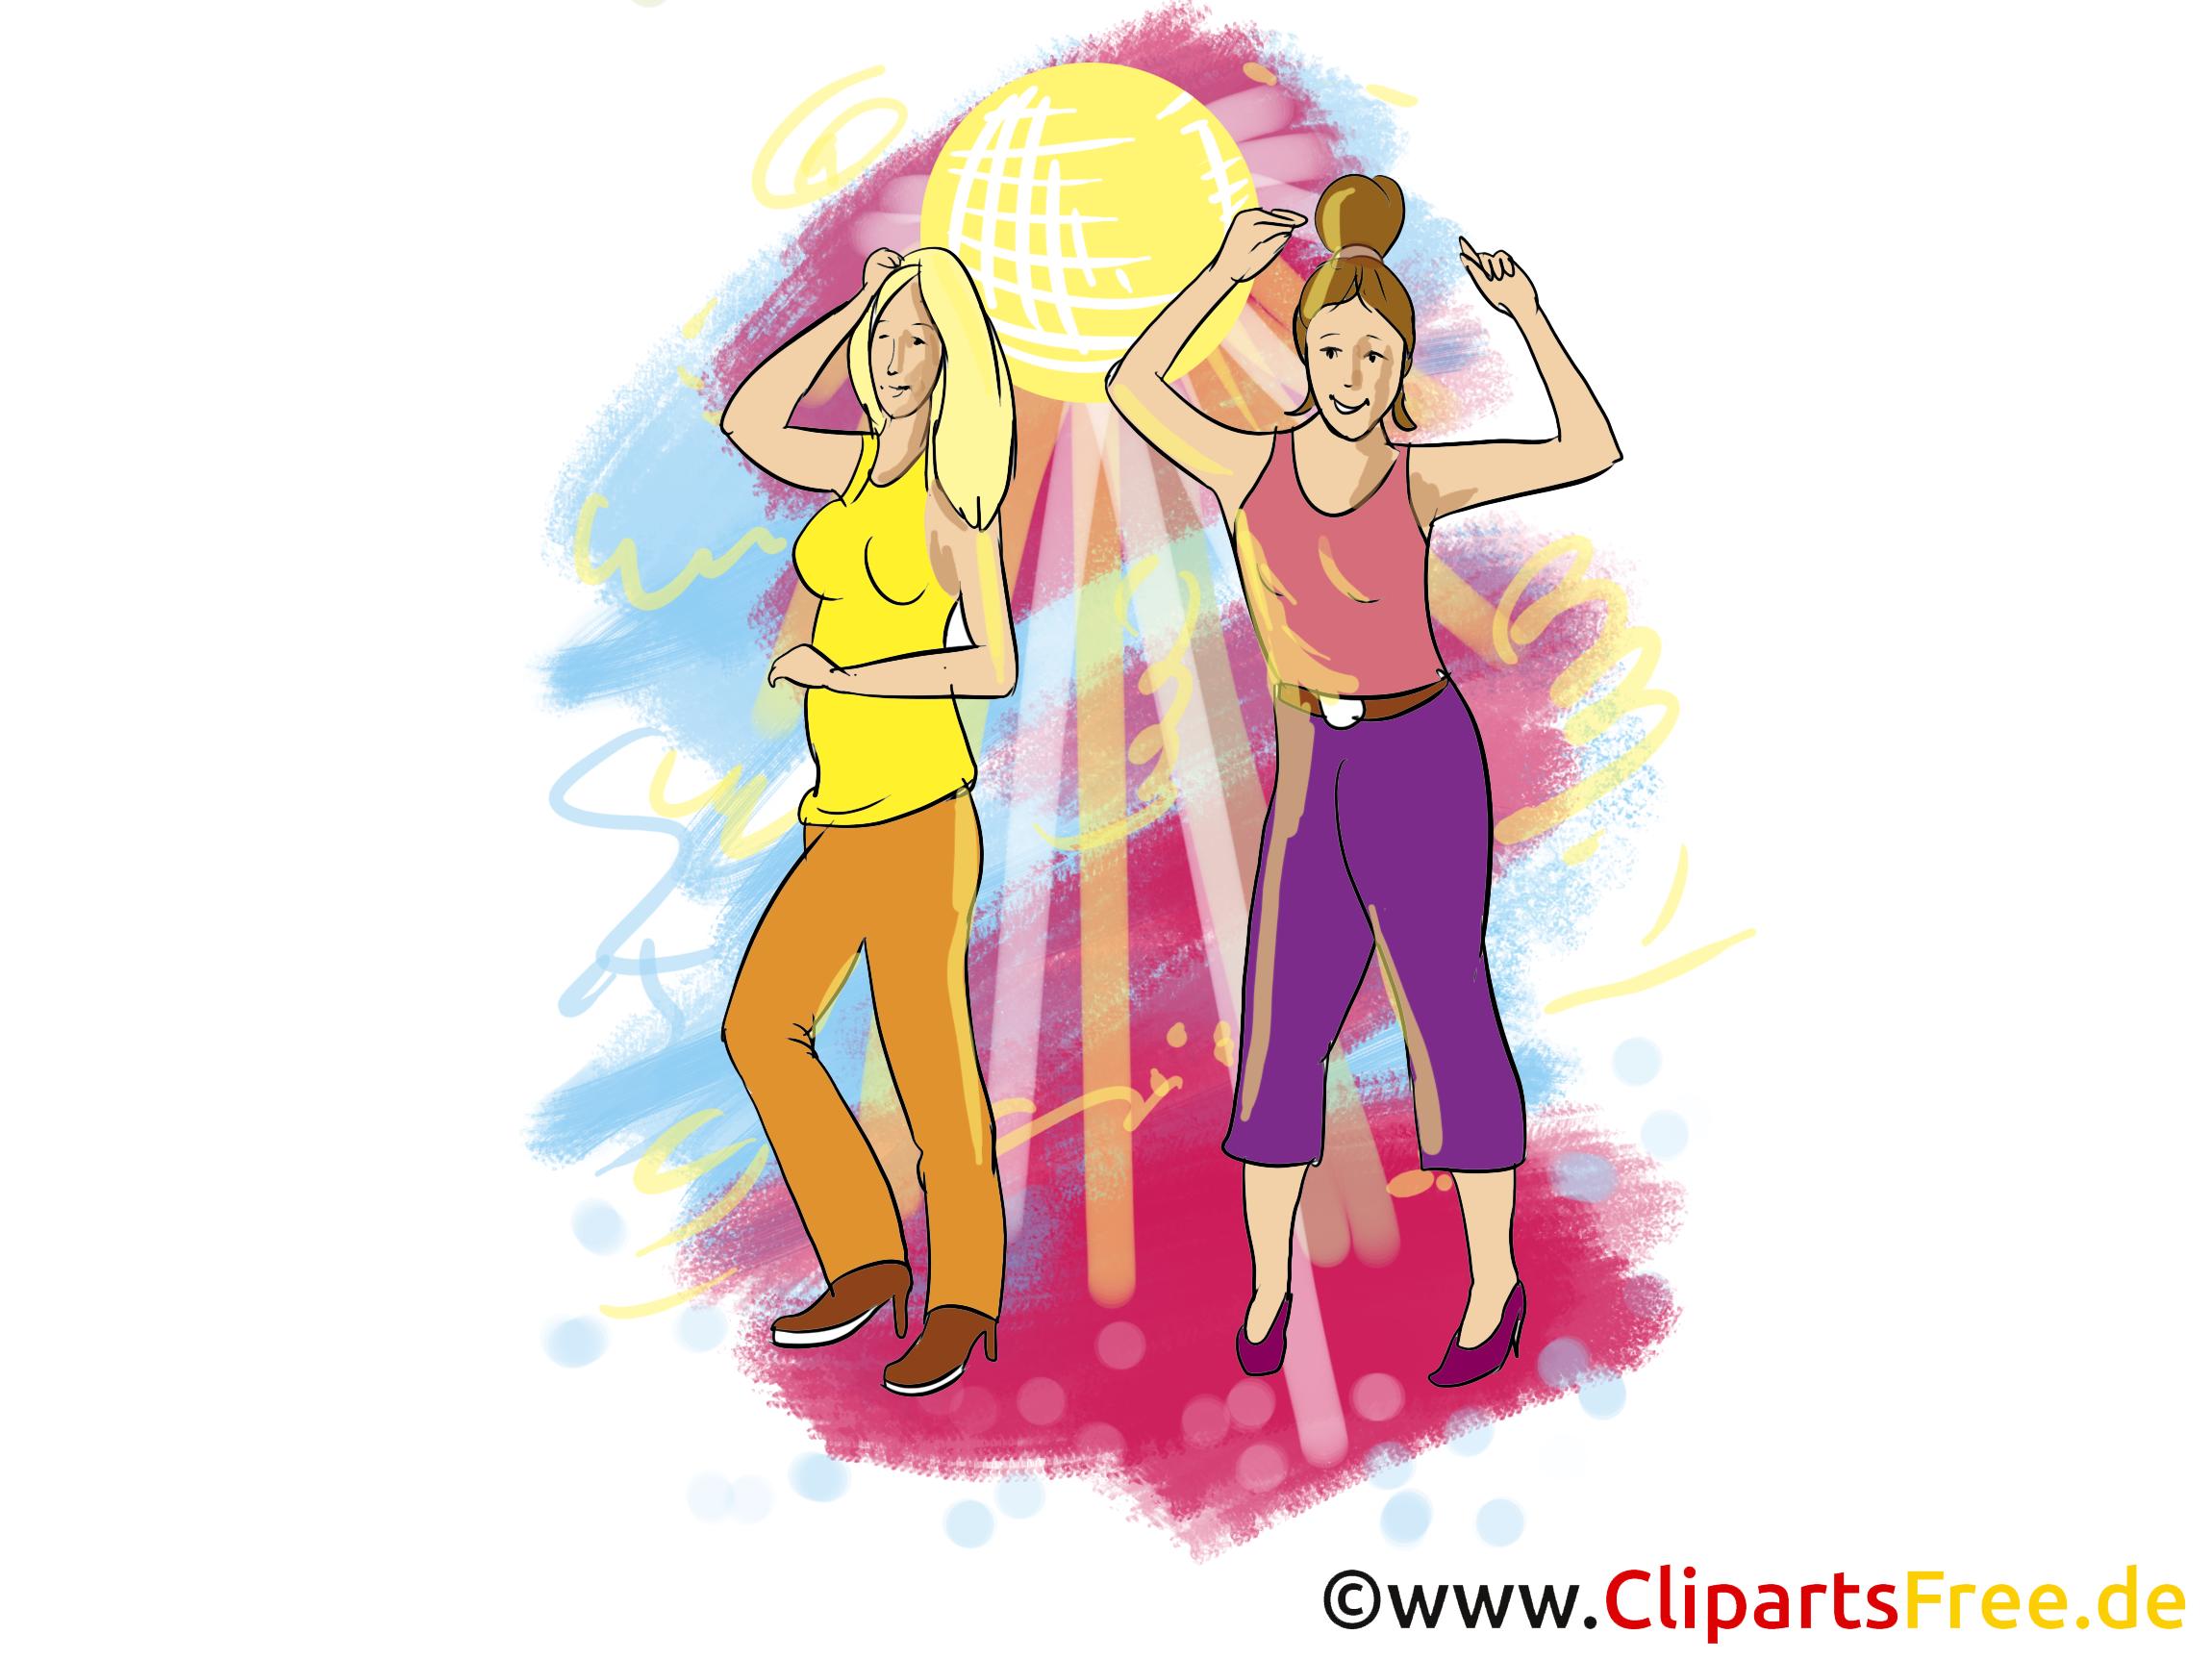 Image à télécharger danse - Disco clipart